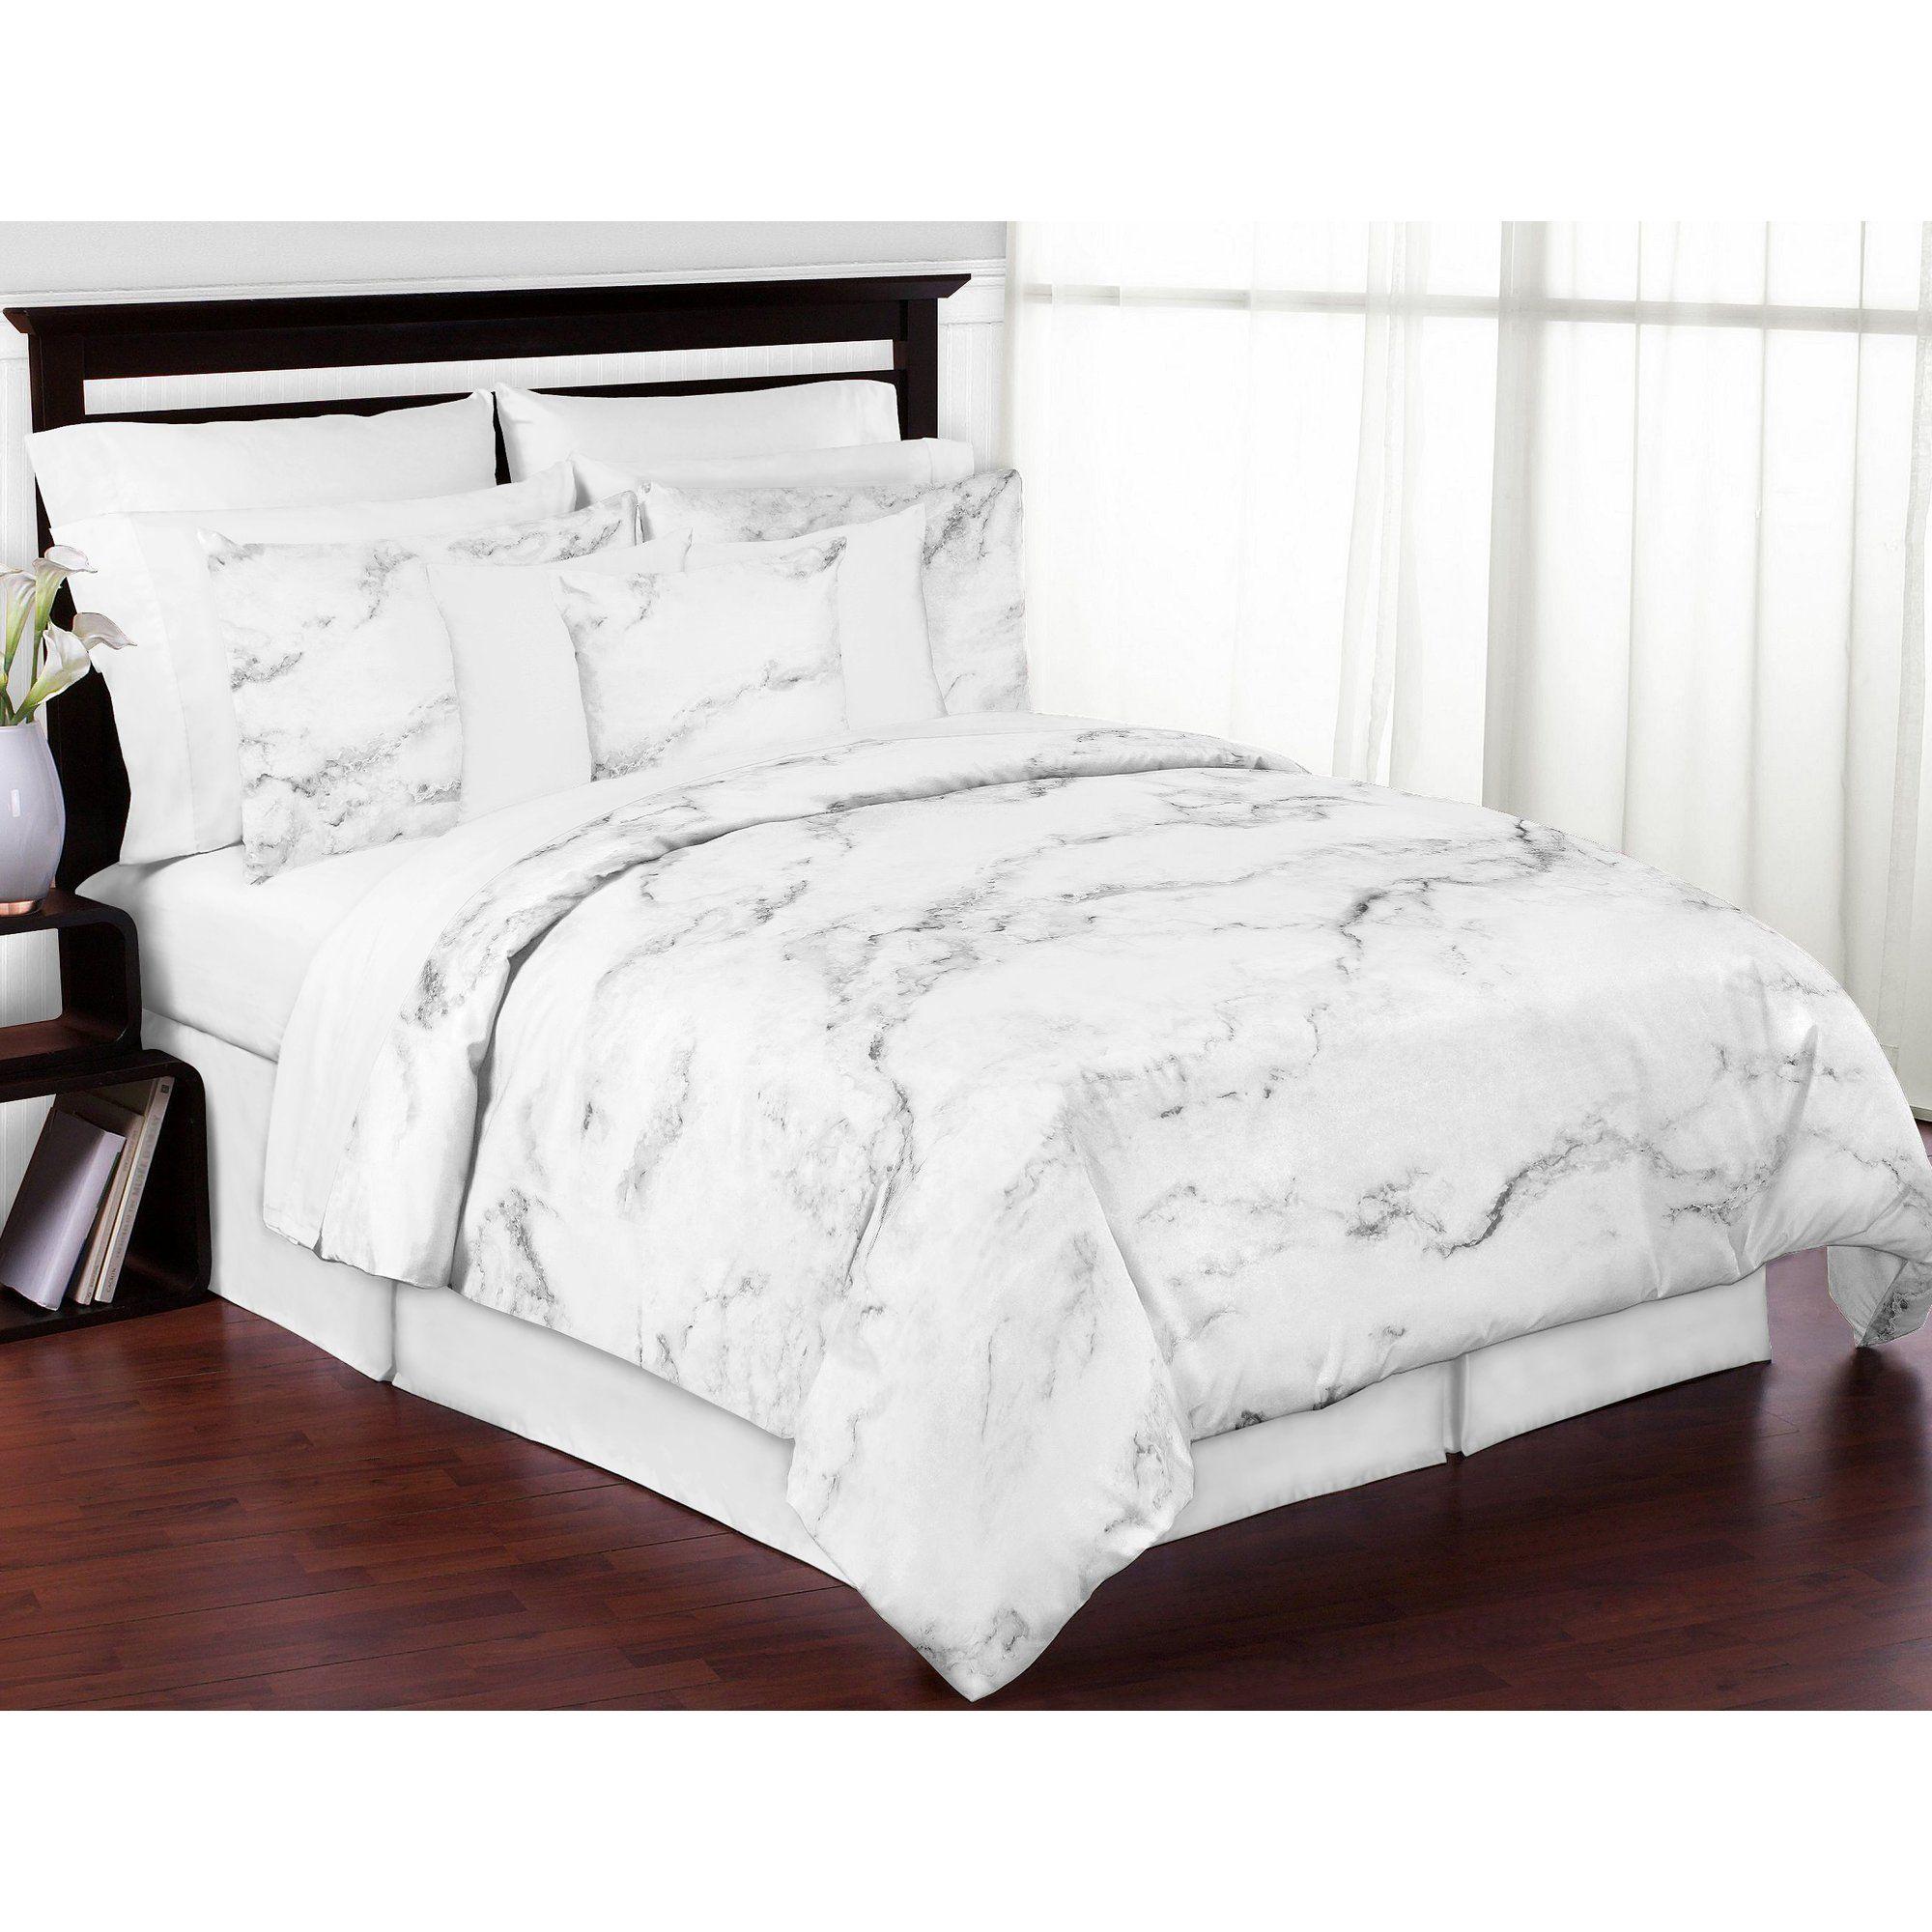 Marble Comforter Set Marble Comforter Marble Bedding Queen